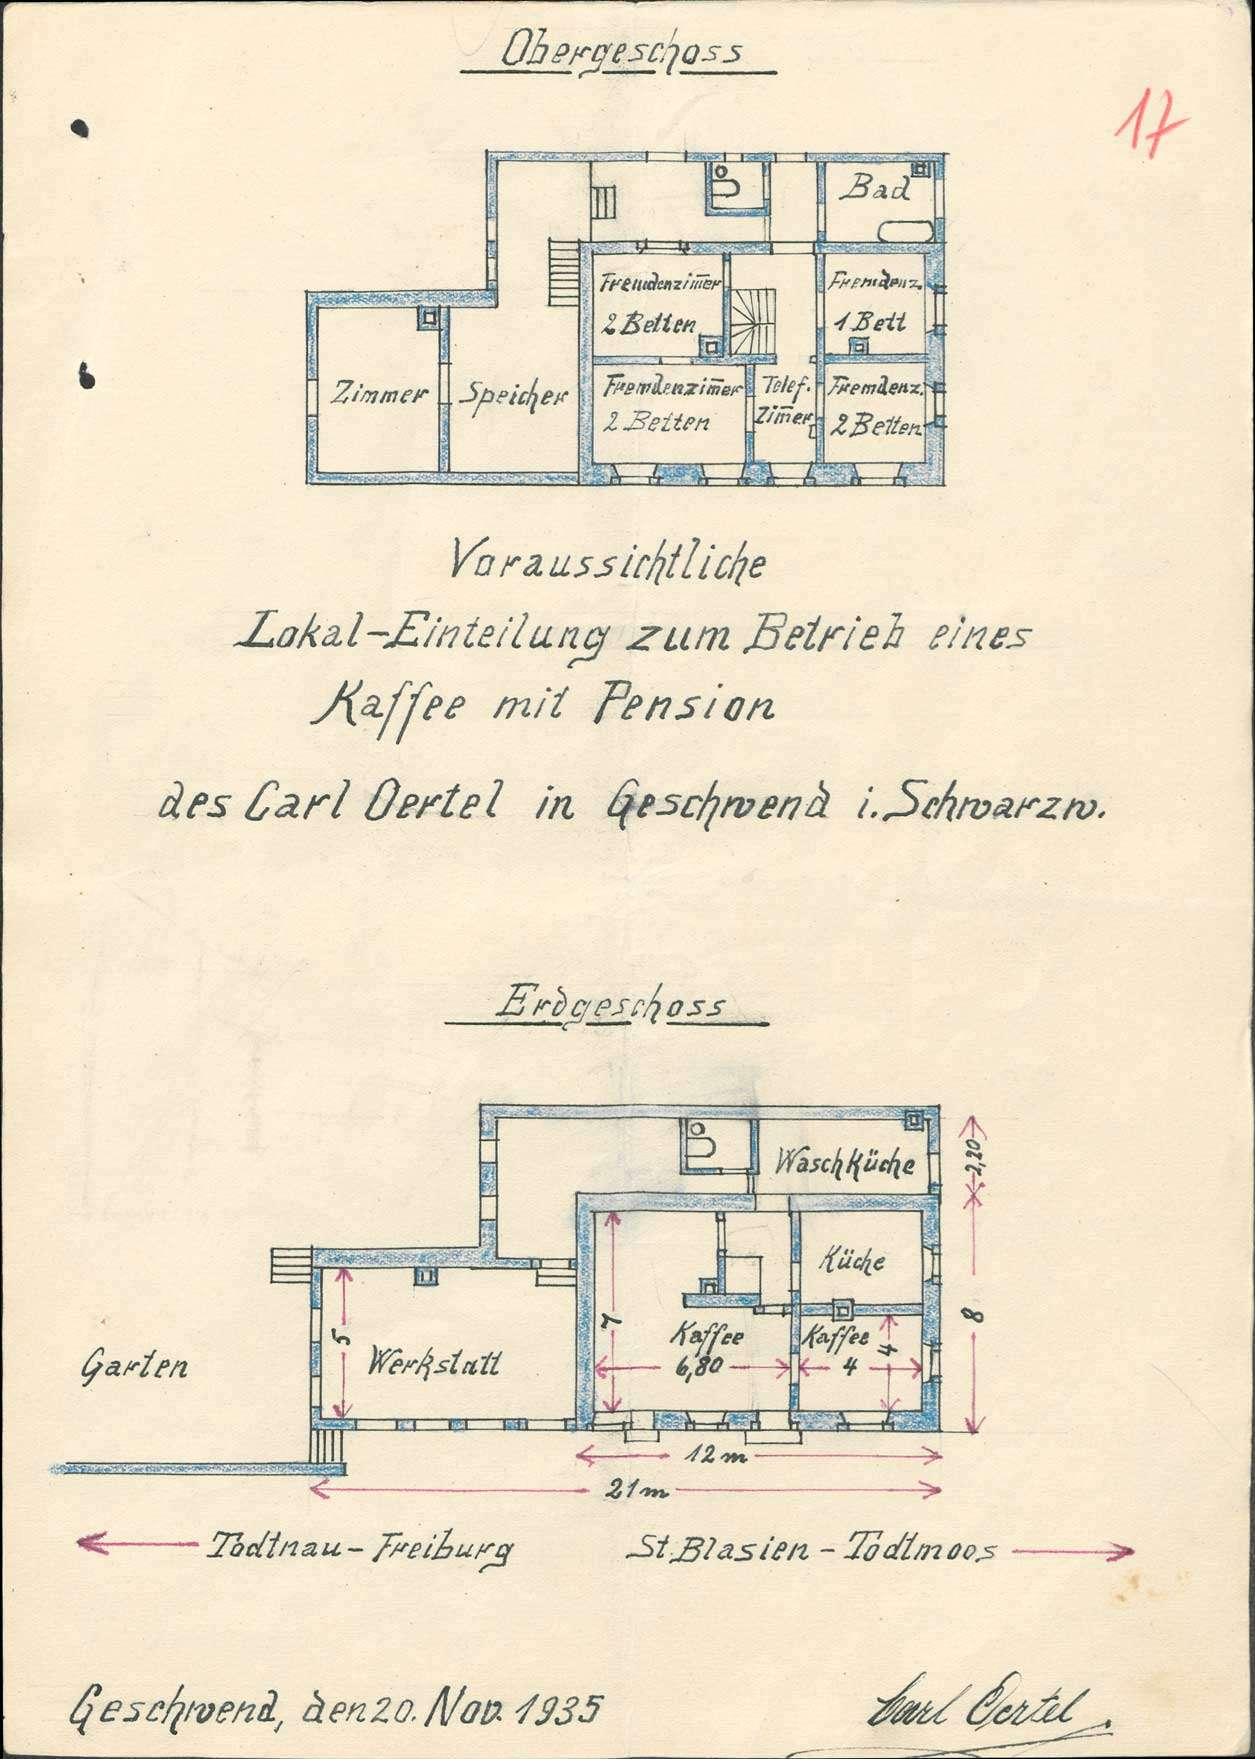 Verleihung der Wirtschaftskonzession für die Pension und Kaffeewirtschaft Karl Oertel in Geschwend, Bild 1